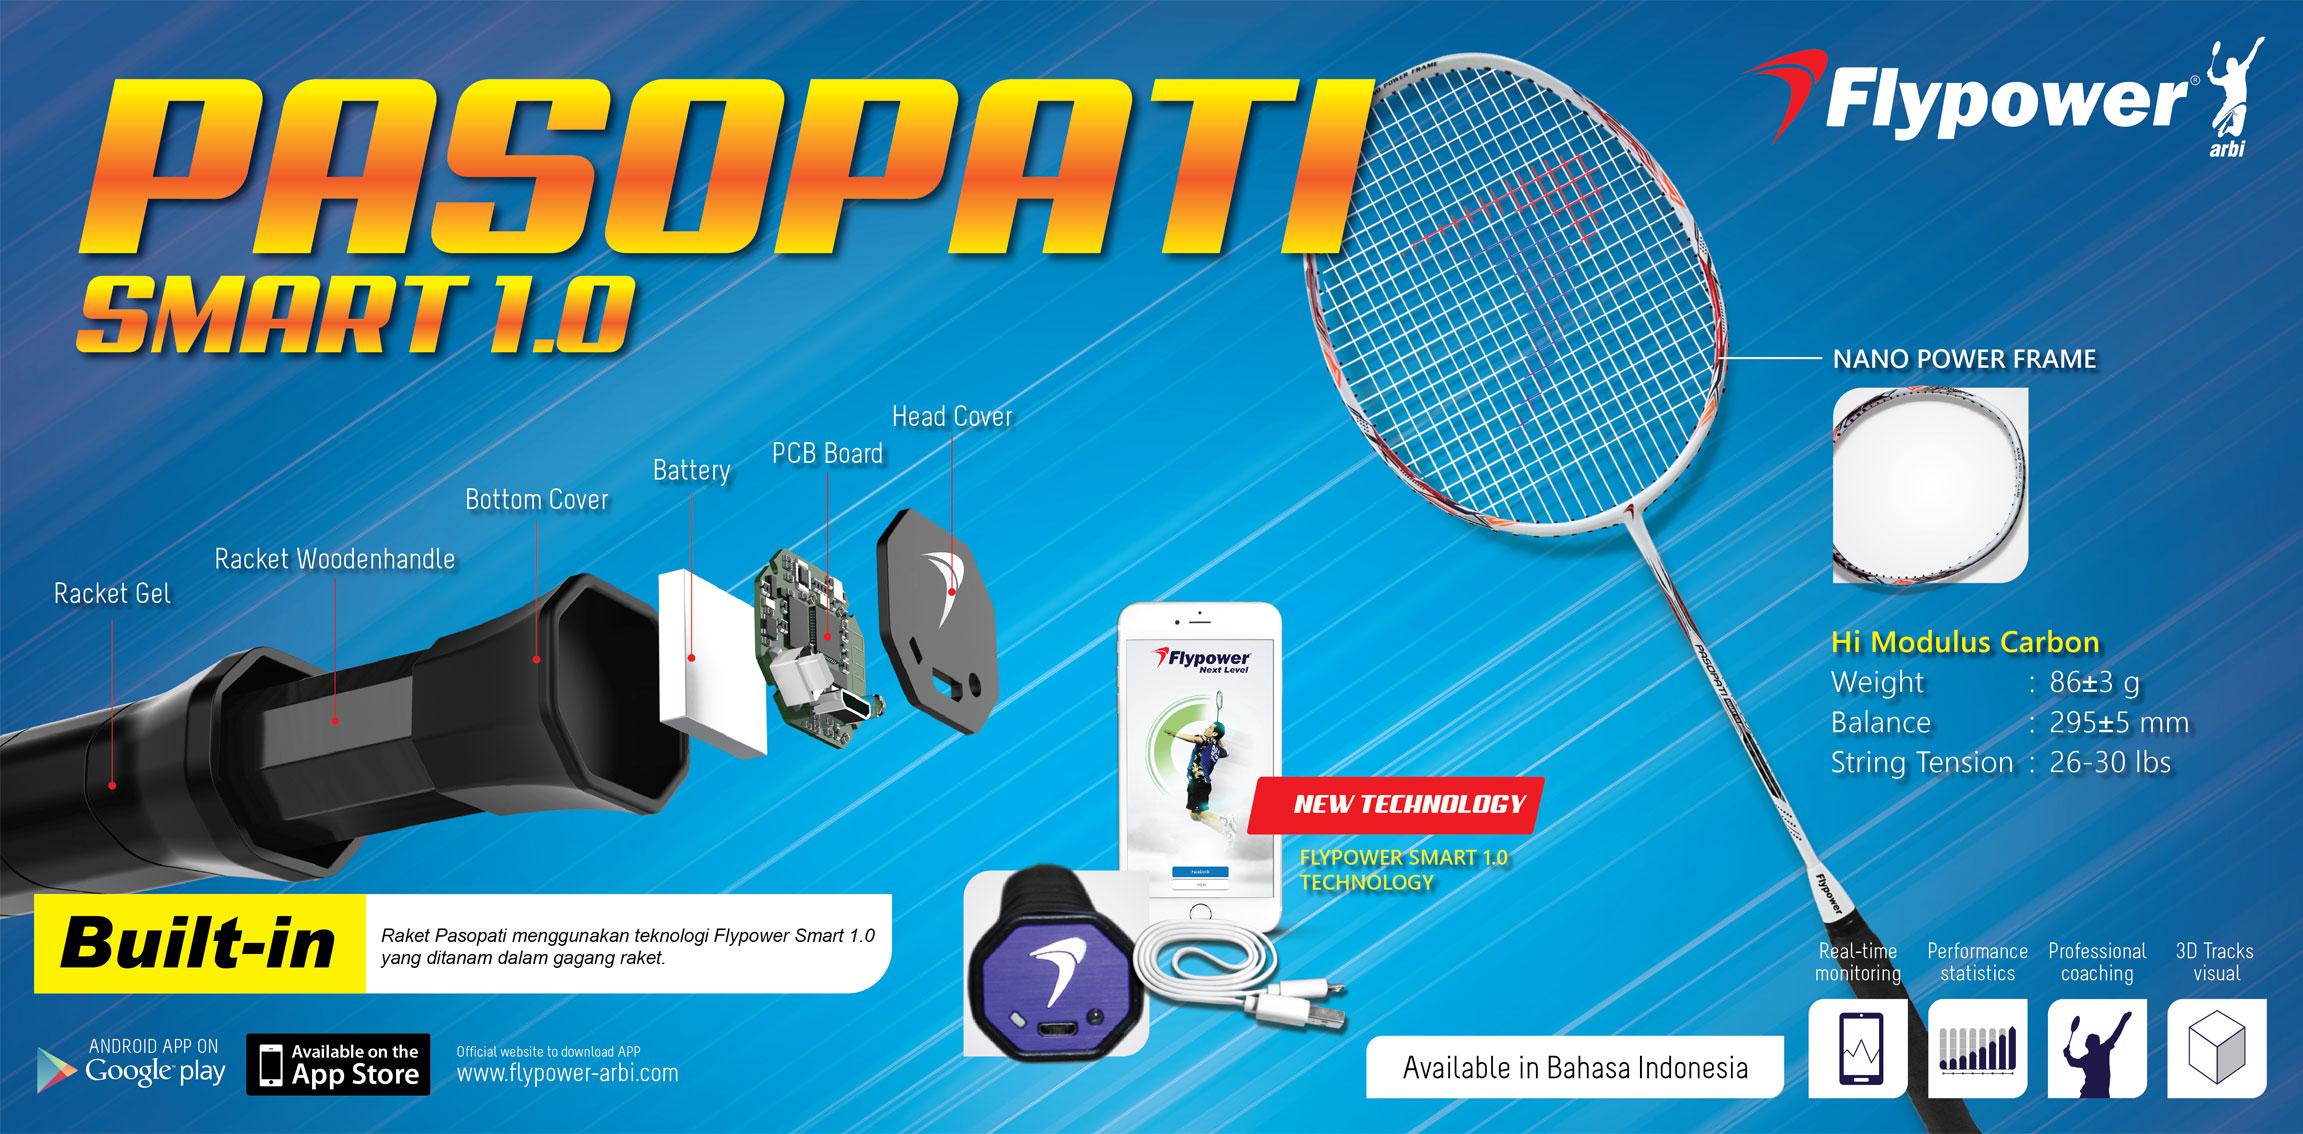 Pasopati_Web_2303-x-1134px_04012018-01